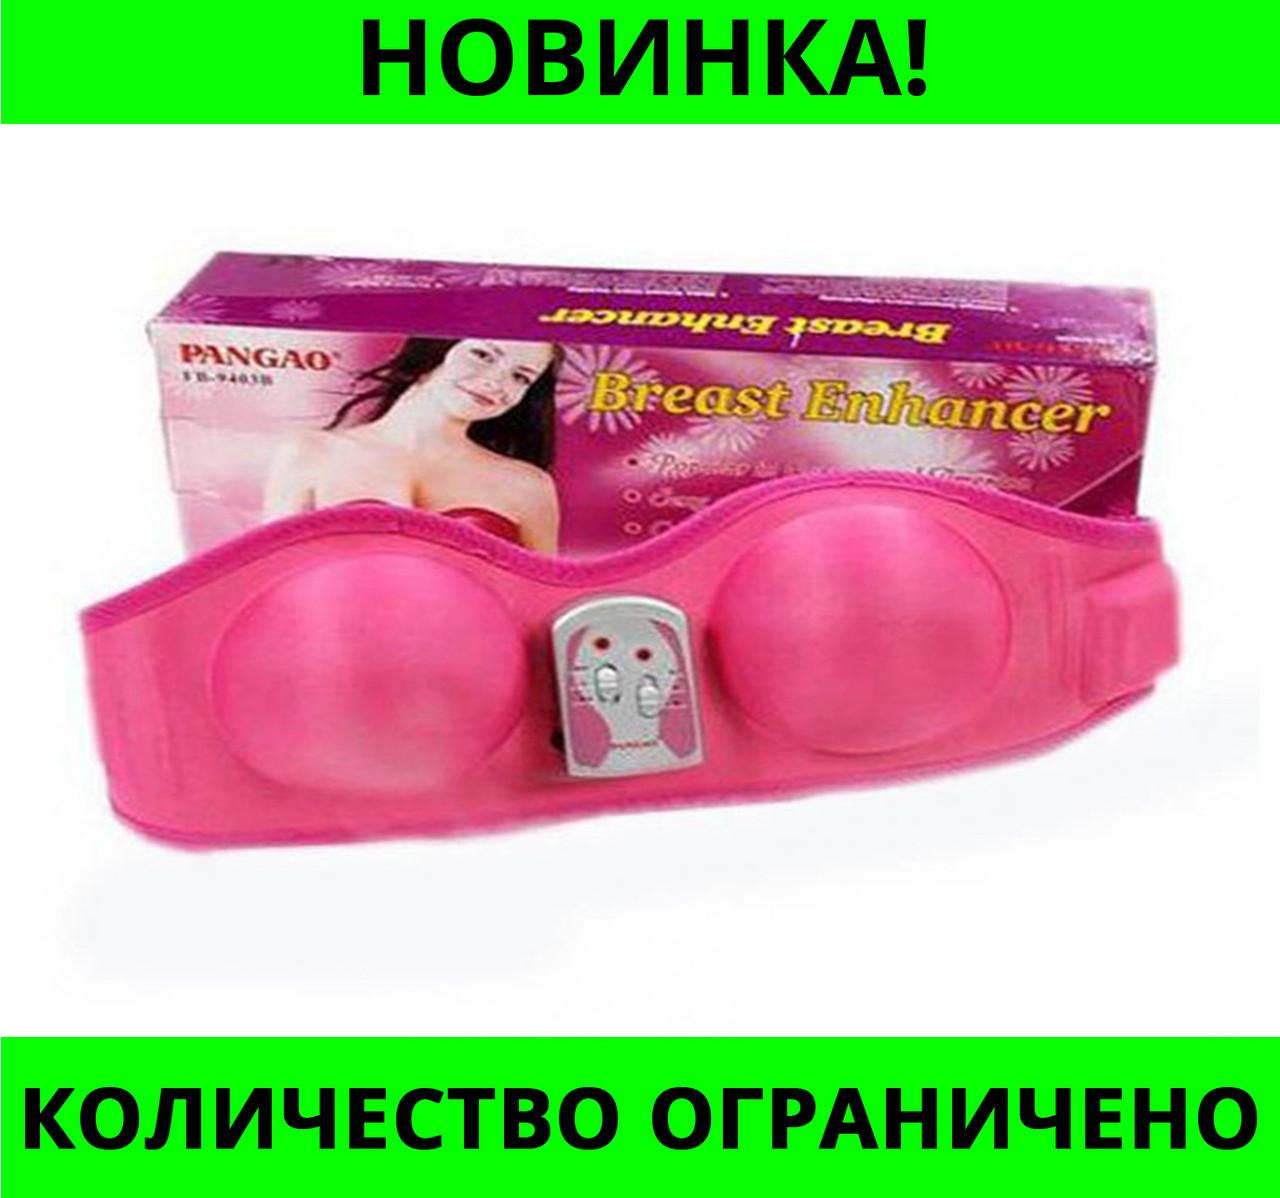 Миостимулятор для увеличения груди Breast Enhancer!Розница и Опт